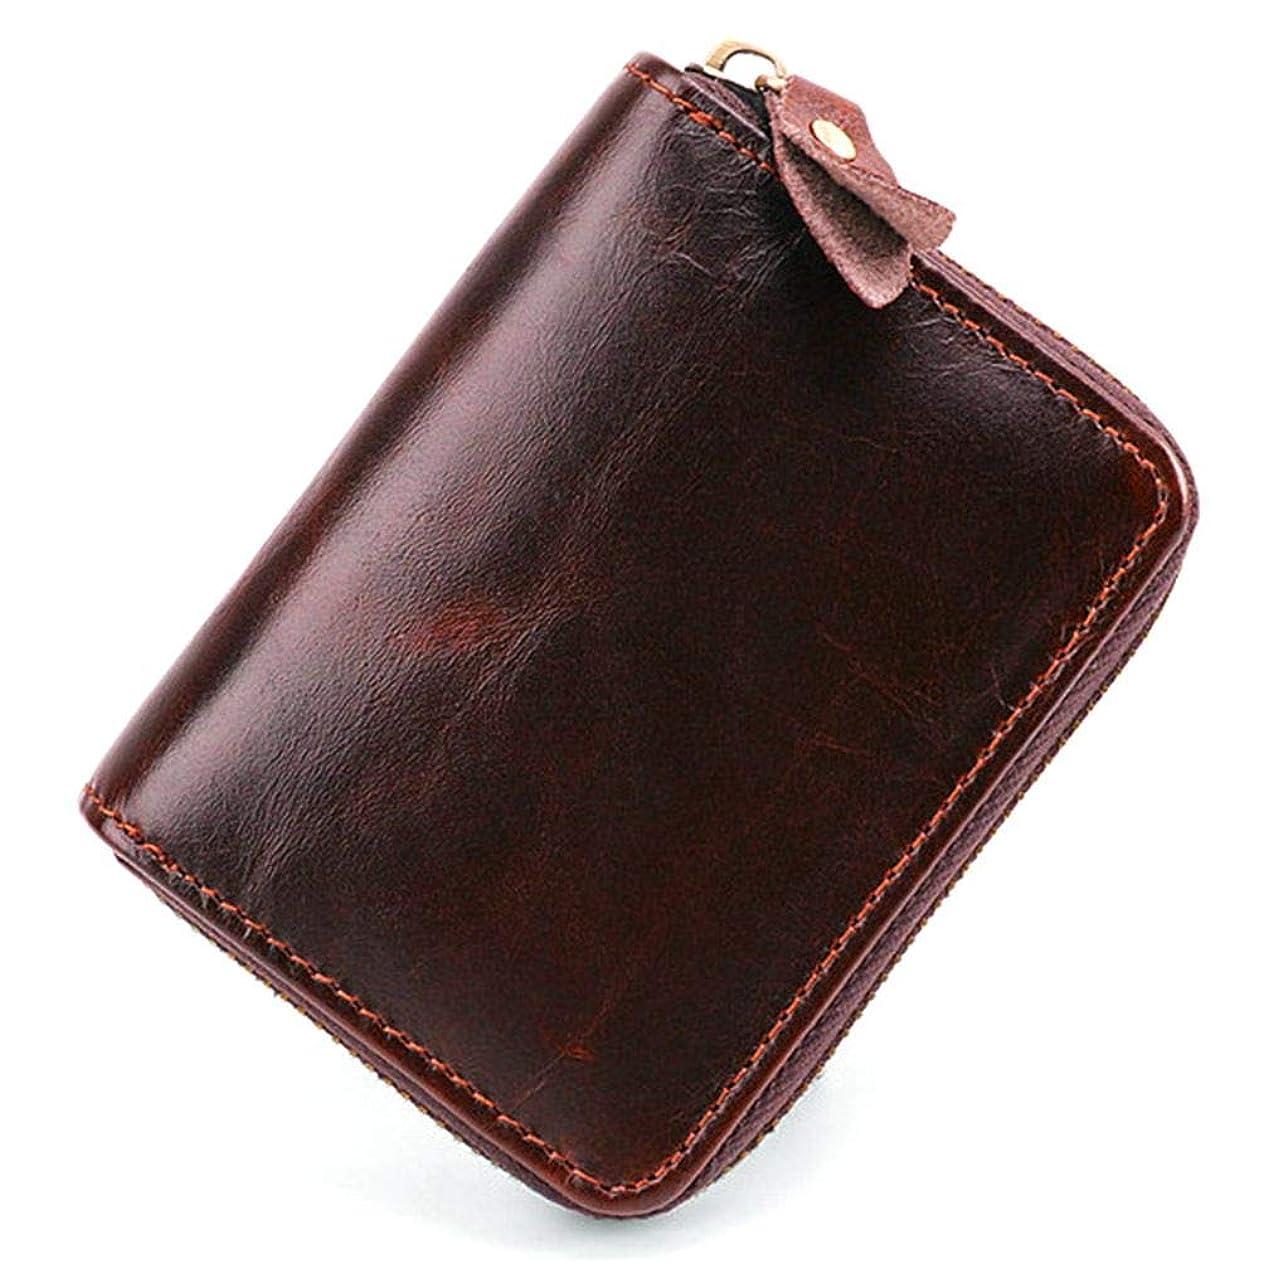 バケットリーチームGADIEMKENSD RFID スキミング防止 本革 カードケース 財布 収納可能 身分証明書、クレジットカード、ポイントカード、紙幣等,(ご注意)小銭入れには適していないので